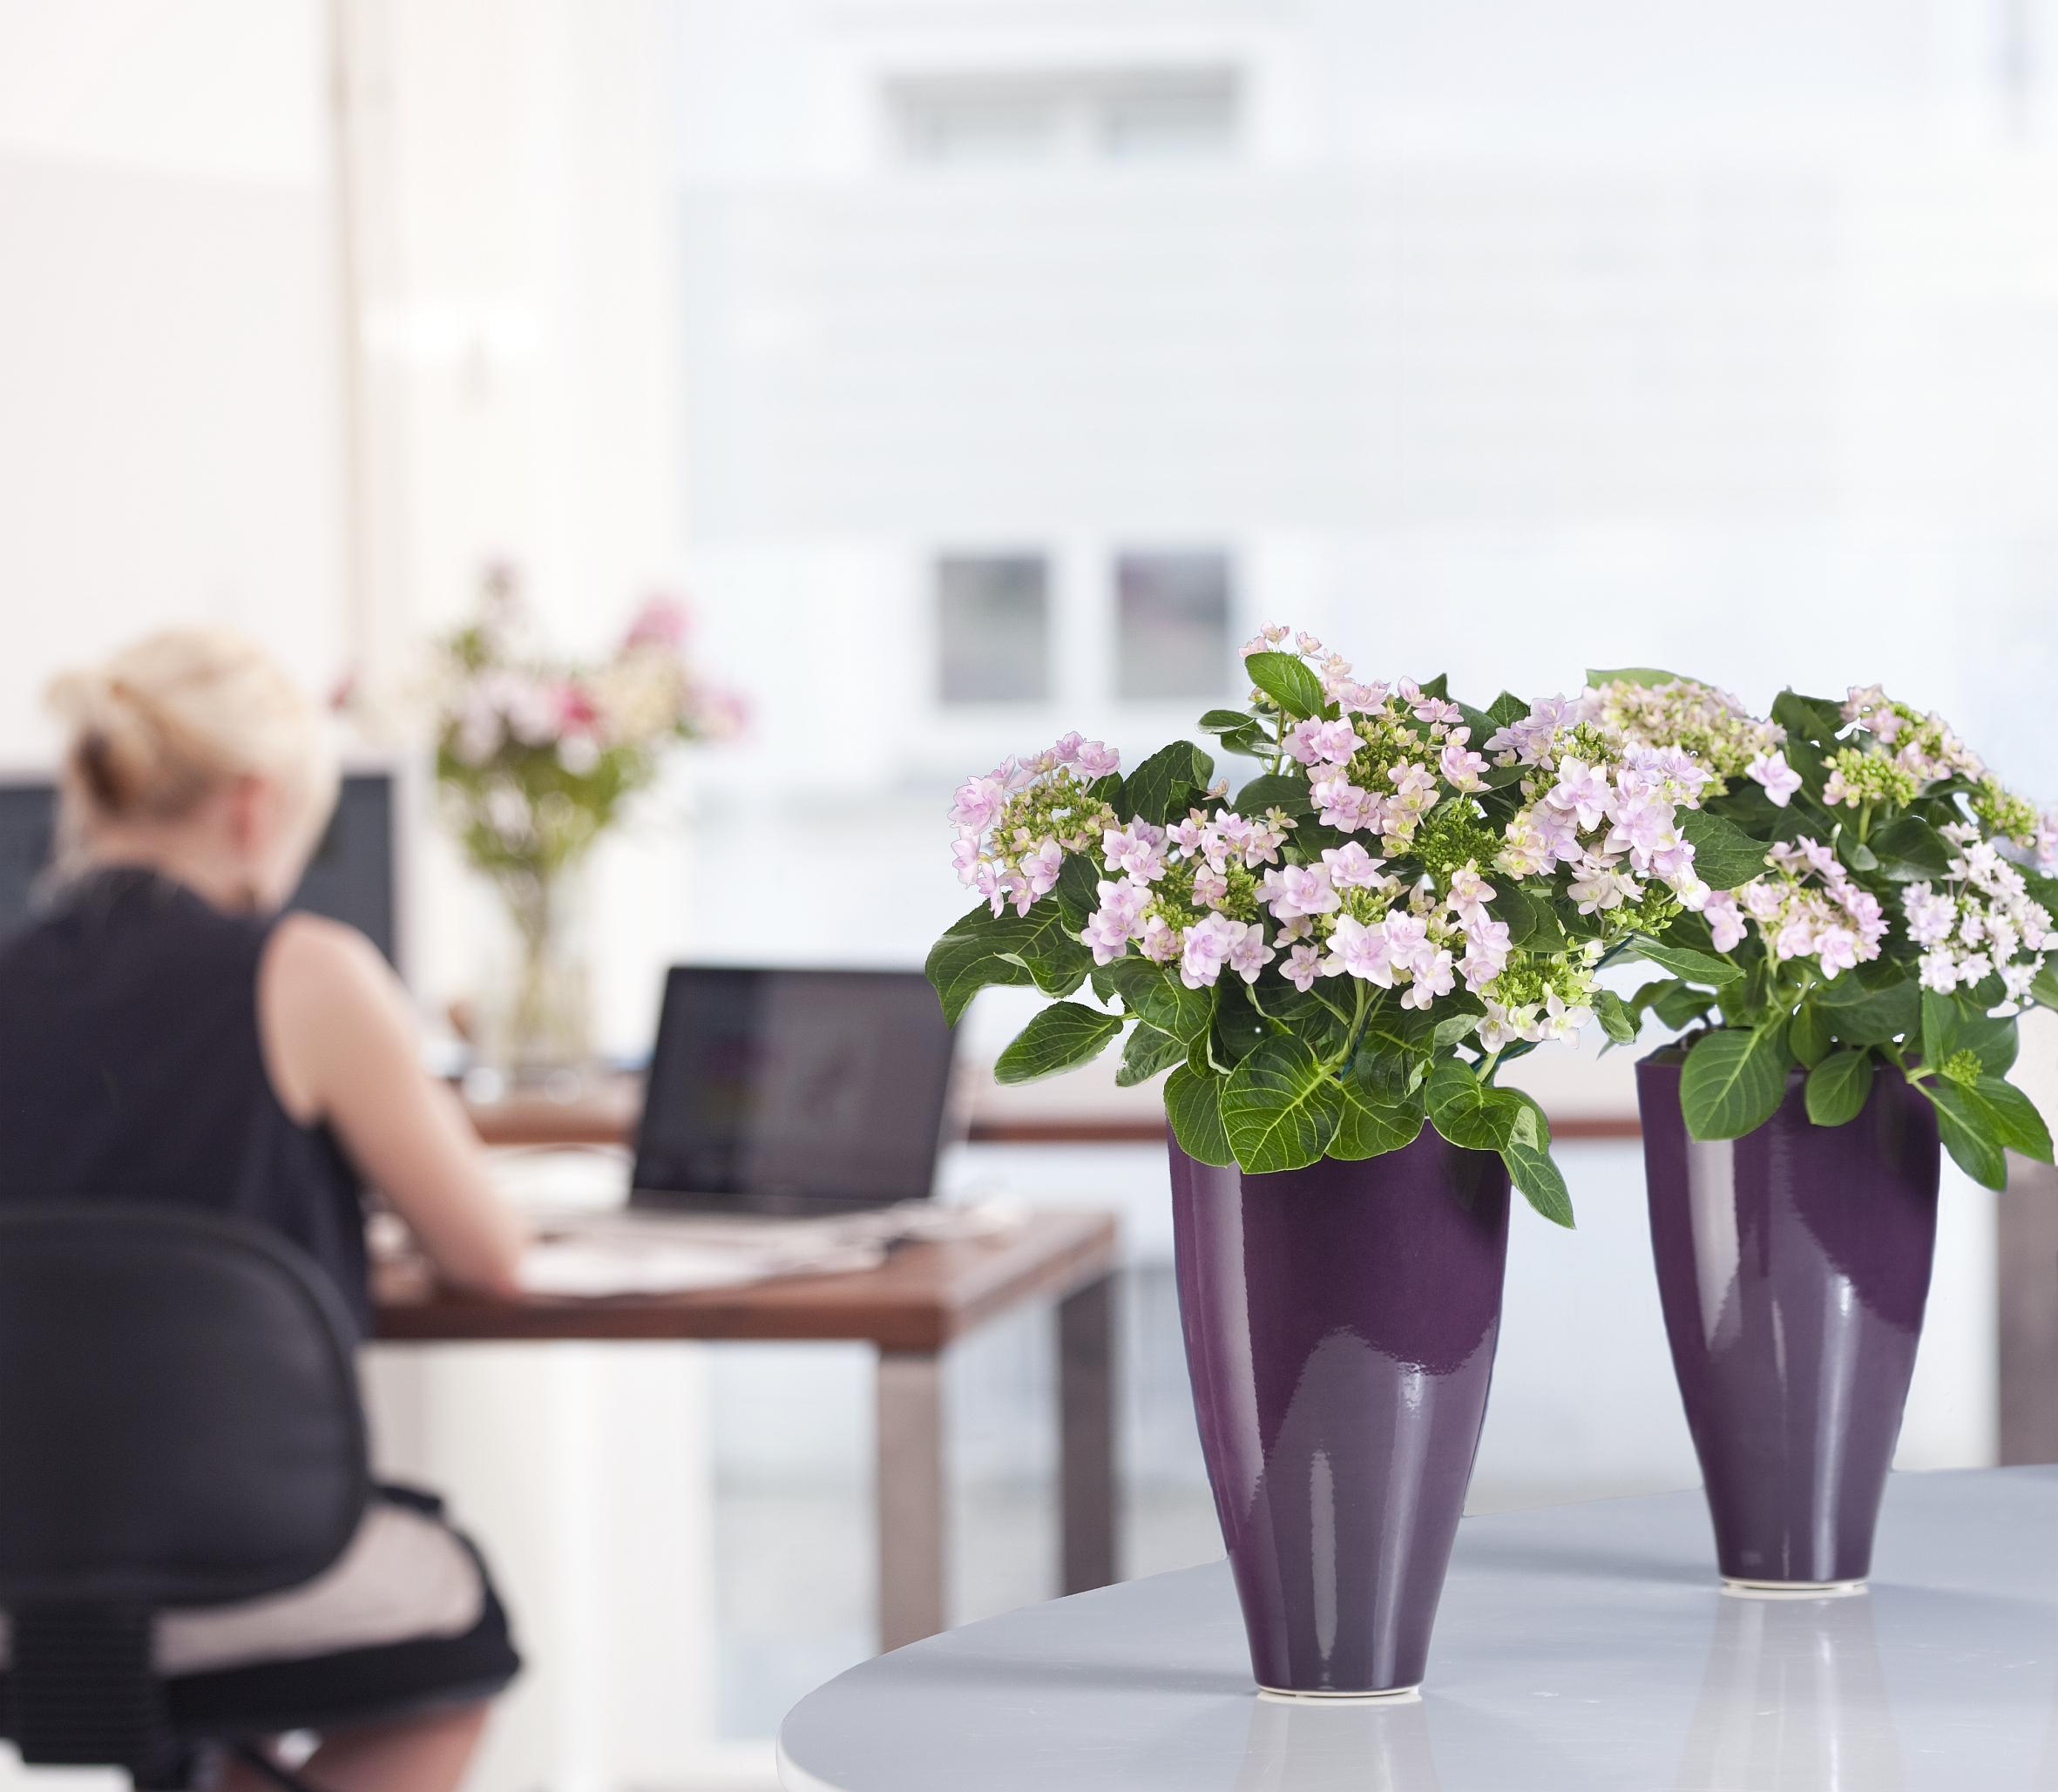 ob minimalistisch oder romantisch hortensien passen in jedes wohn und arbeitszimmer das. Black Bedroom Furniture Sets. Home Design Ideas